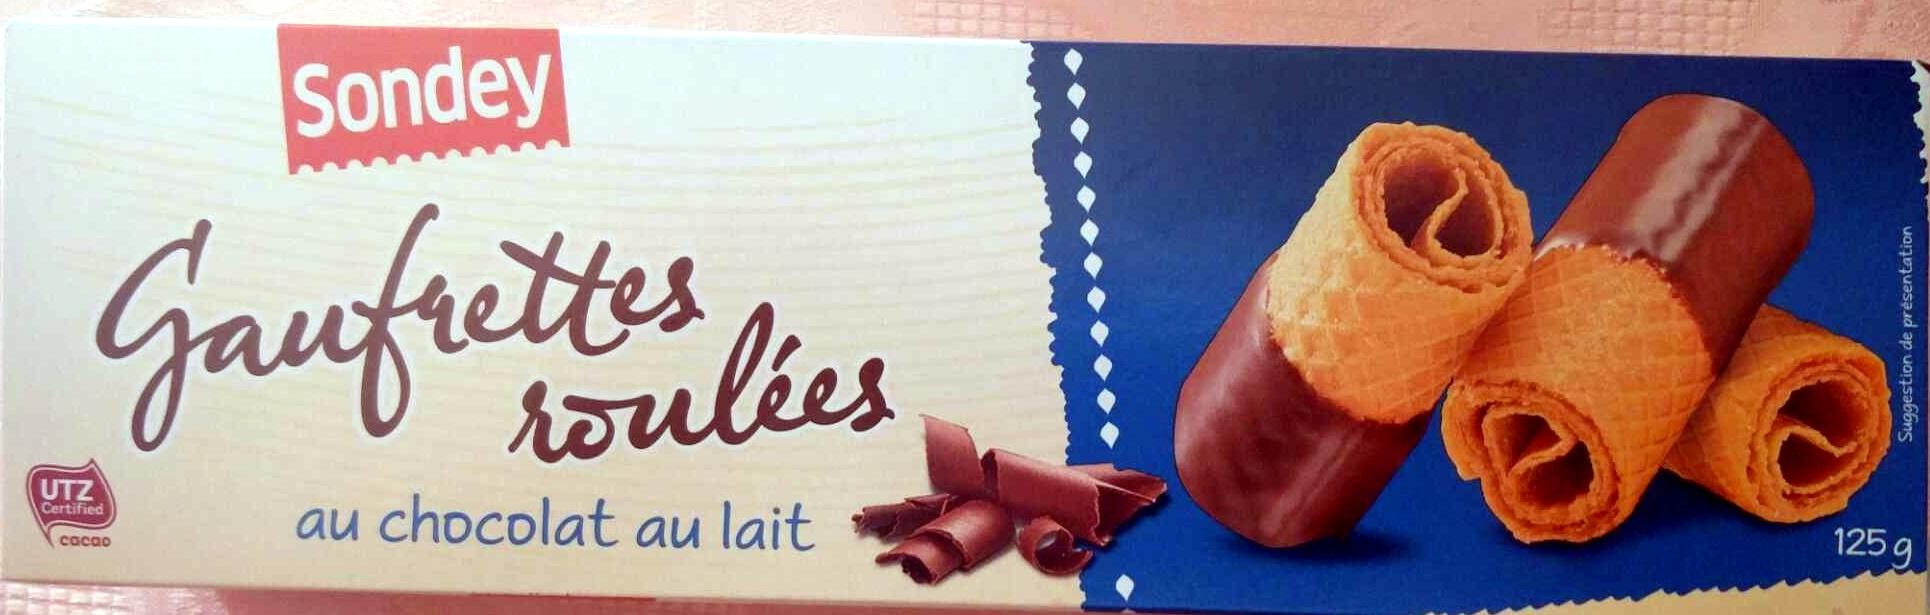 Gaufrettes roulées au chocolat au lait - Prodotto - fr